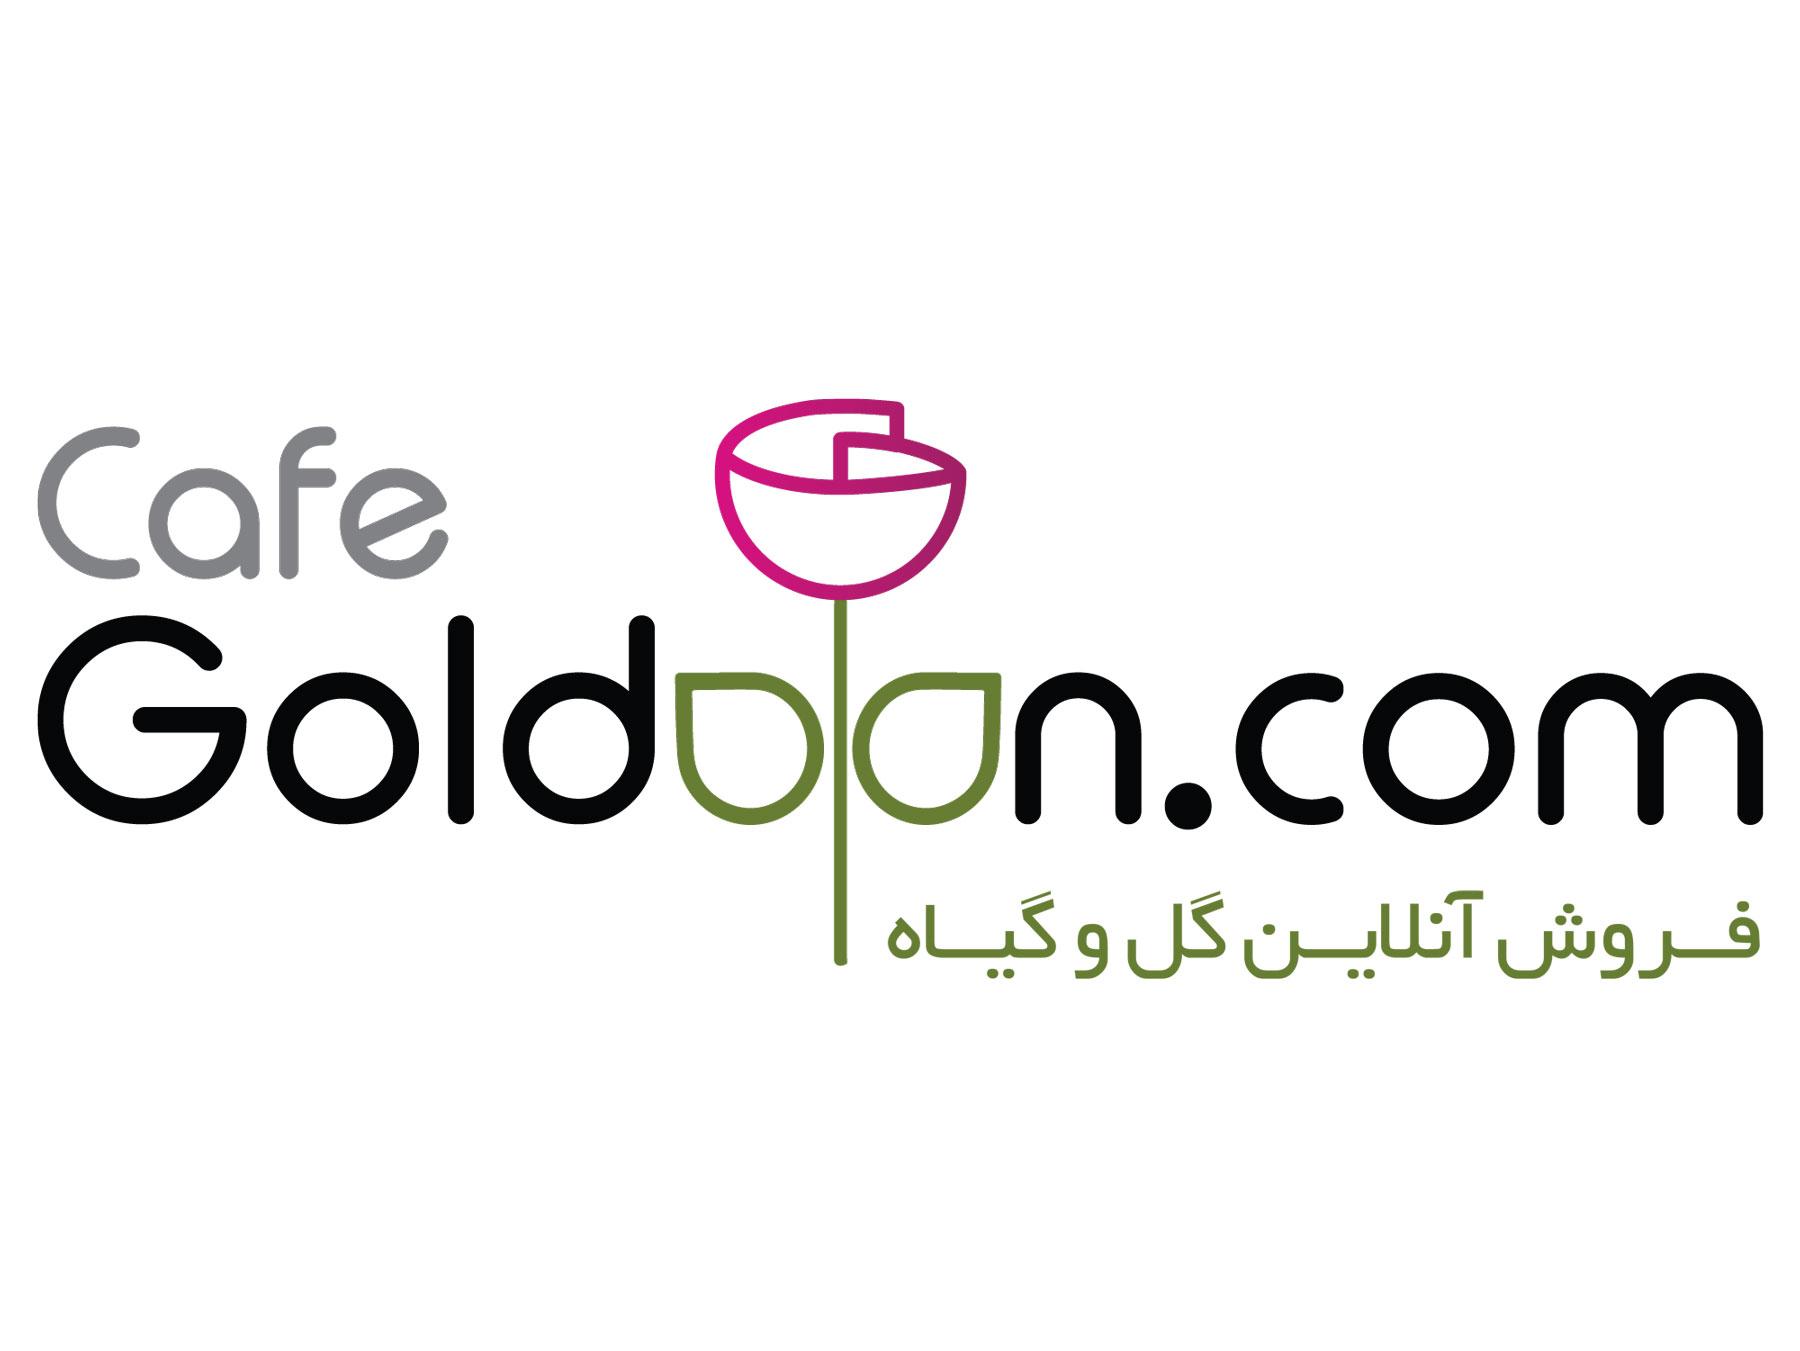 لوگوی کافه گلدون